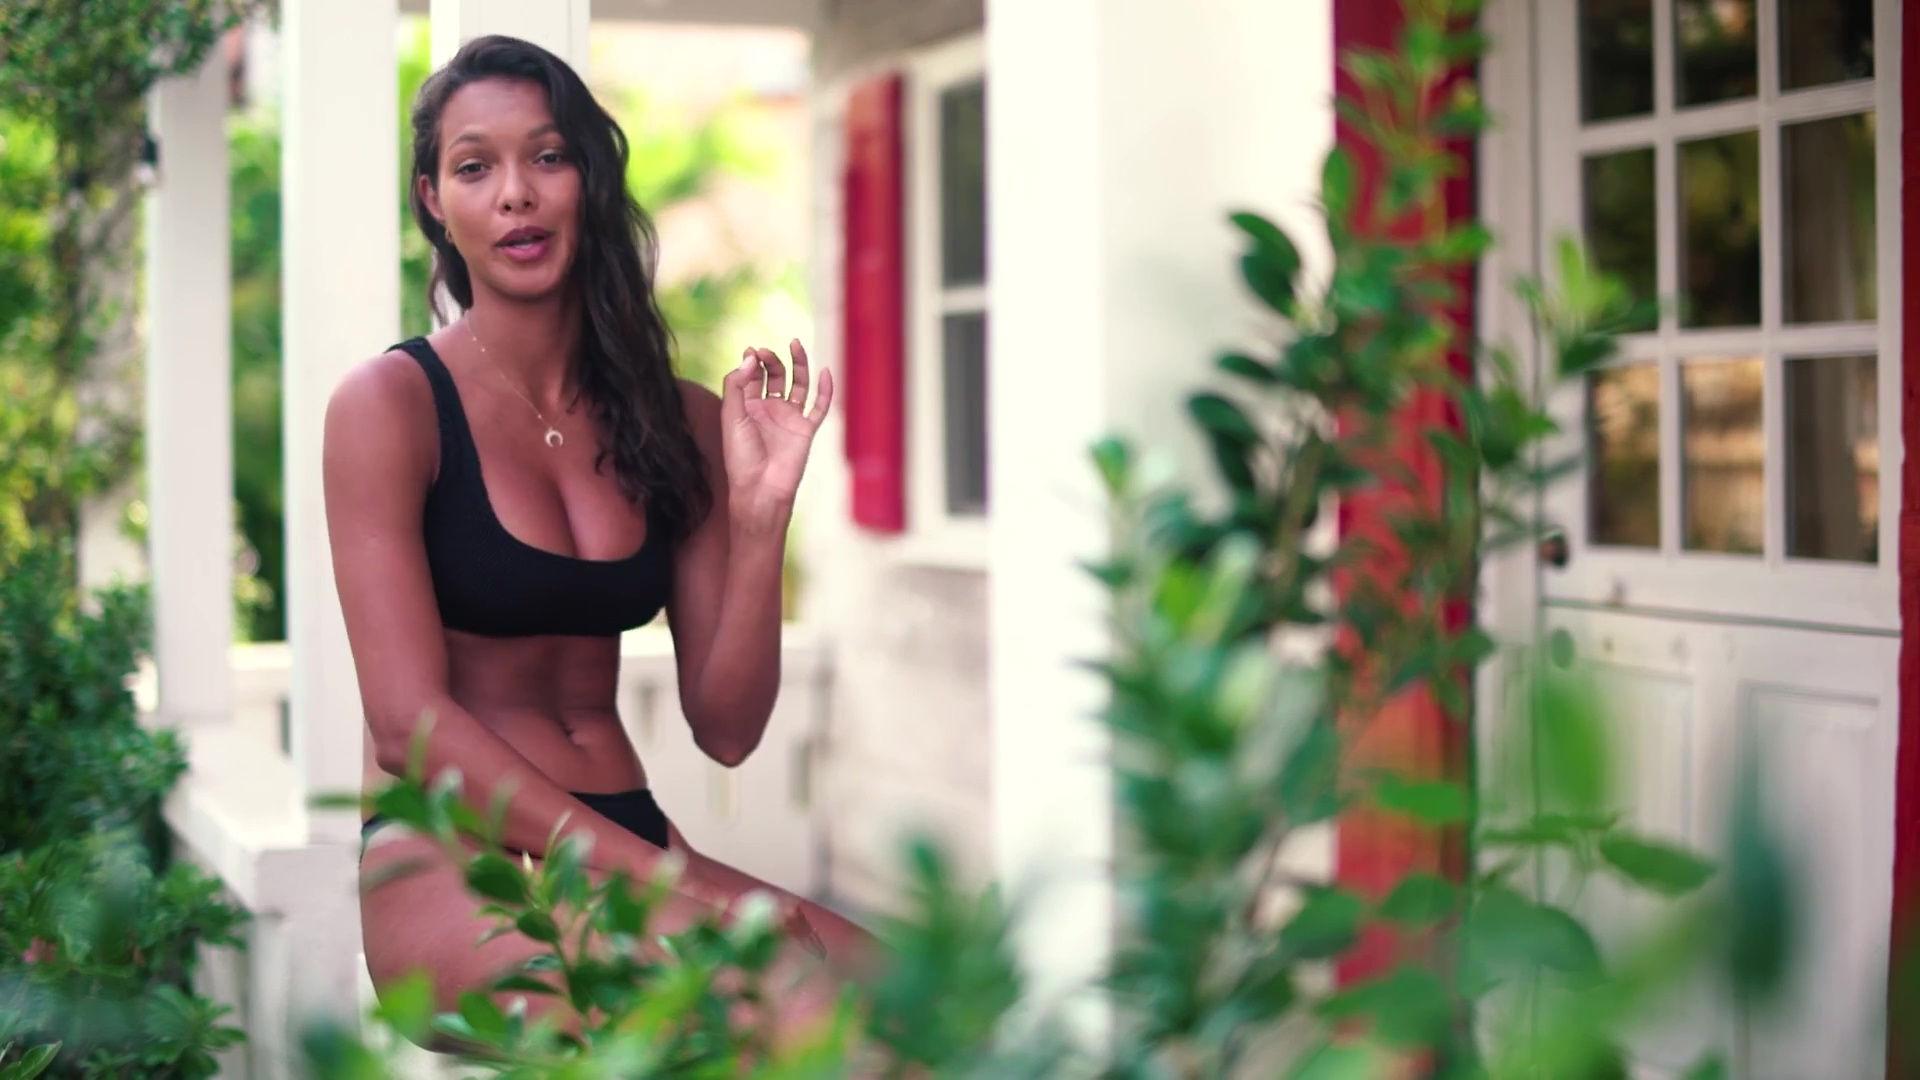 0919045630832_25_Lais-Ribeiro-Sexy-TheFappeningBlog.com-26-1.jpg